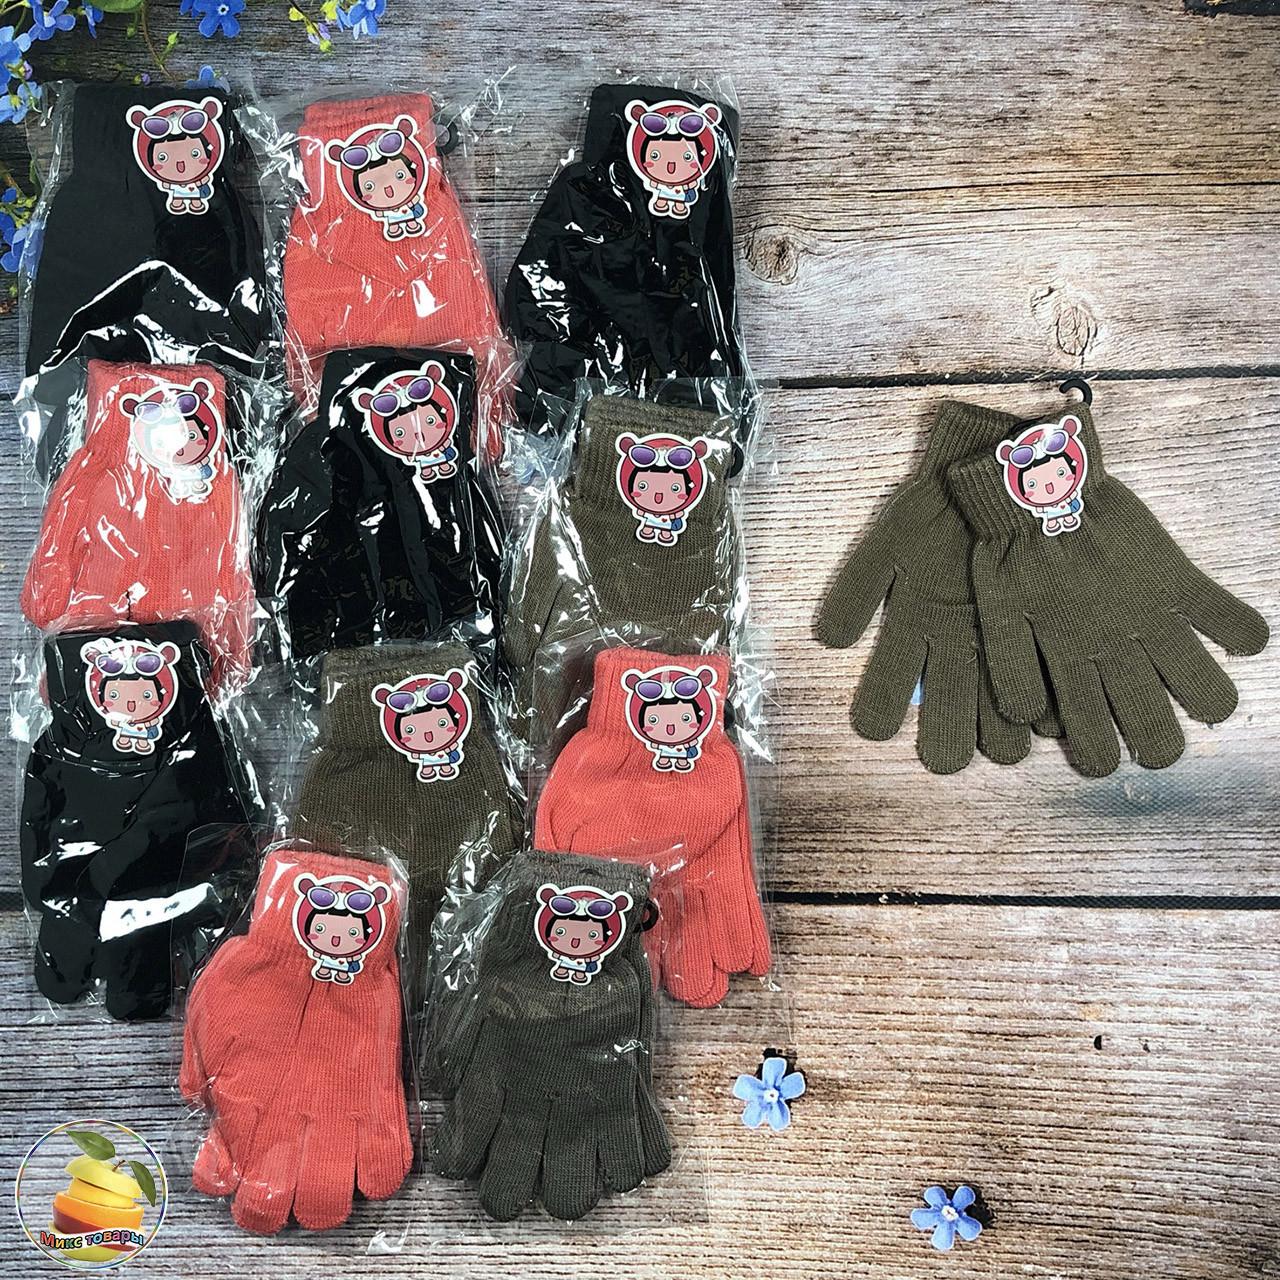 Детские перчатки с флисом (Одинарные) для мальчика и девочки Размер: 3-5 и 5-7 лет (20971)